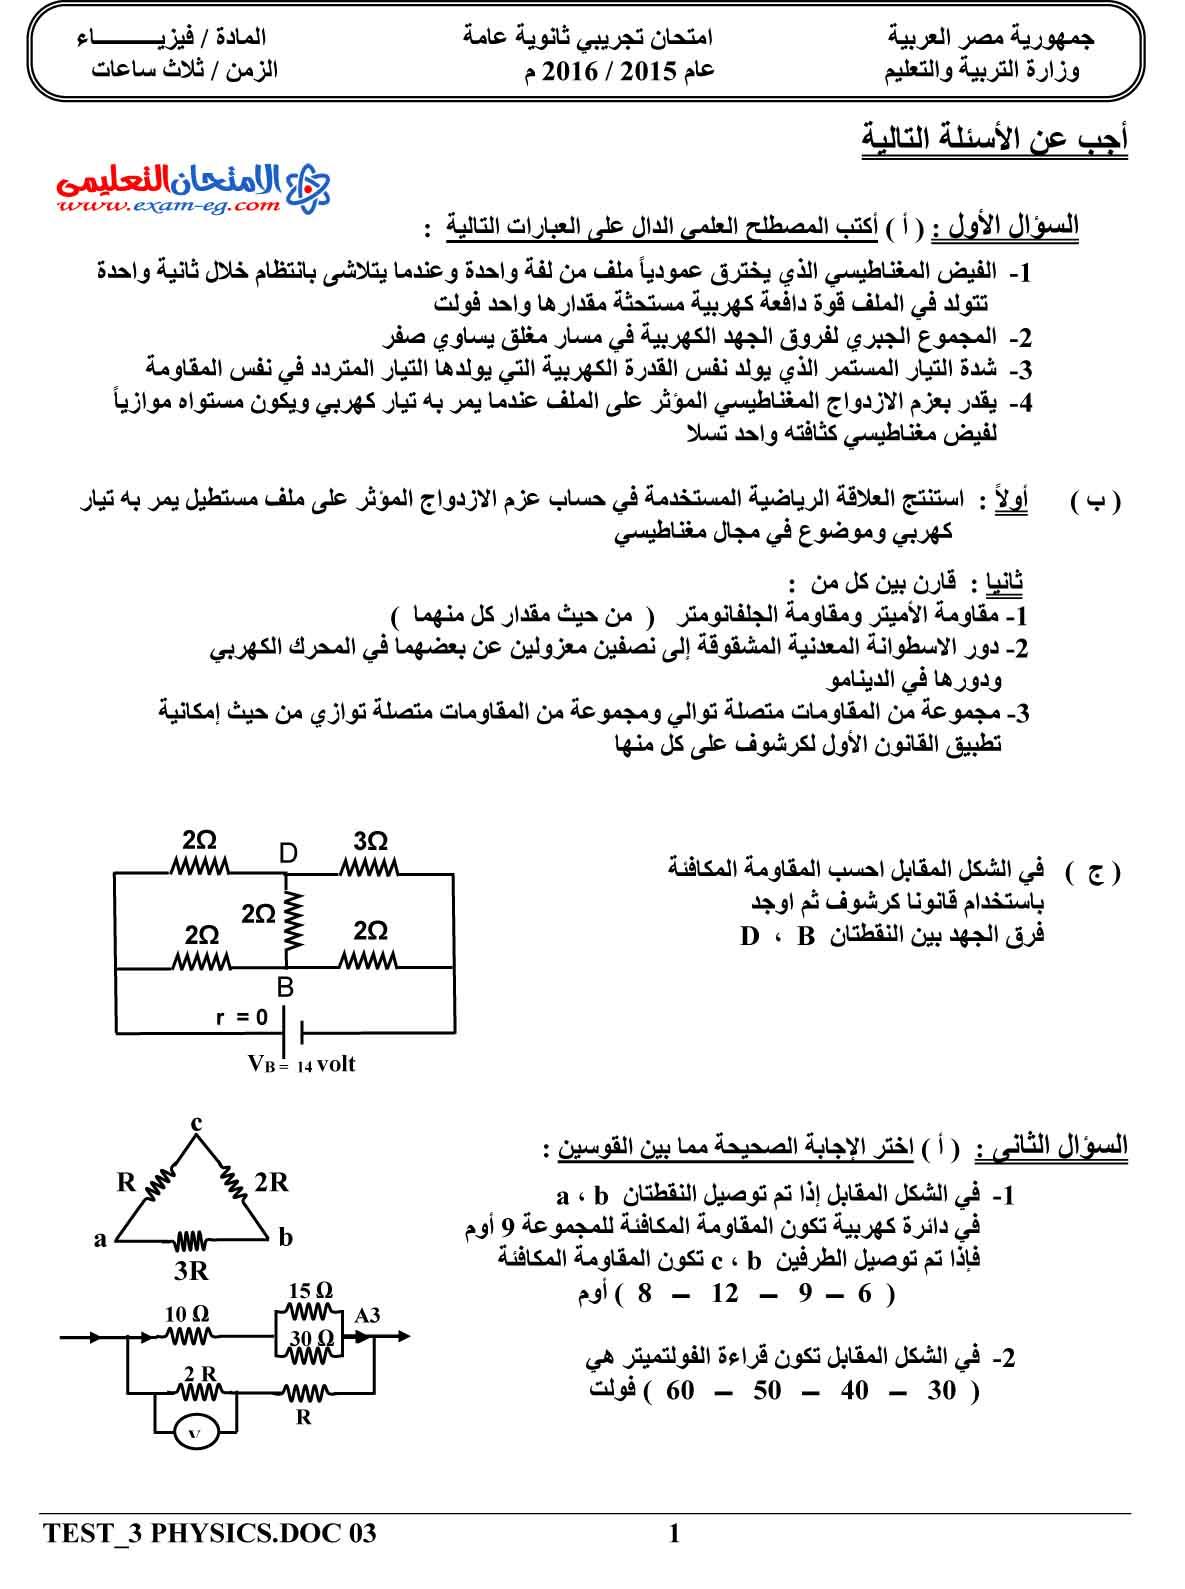 فيزياء 3 - مدرسة اون لاين-1